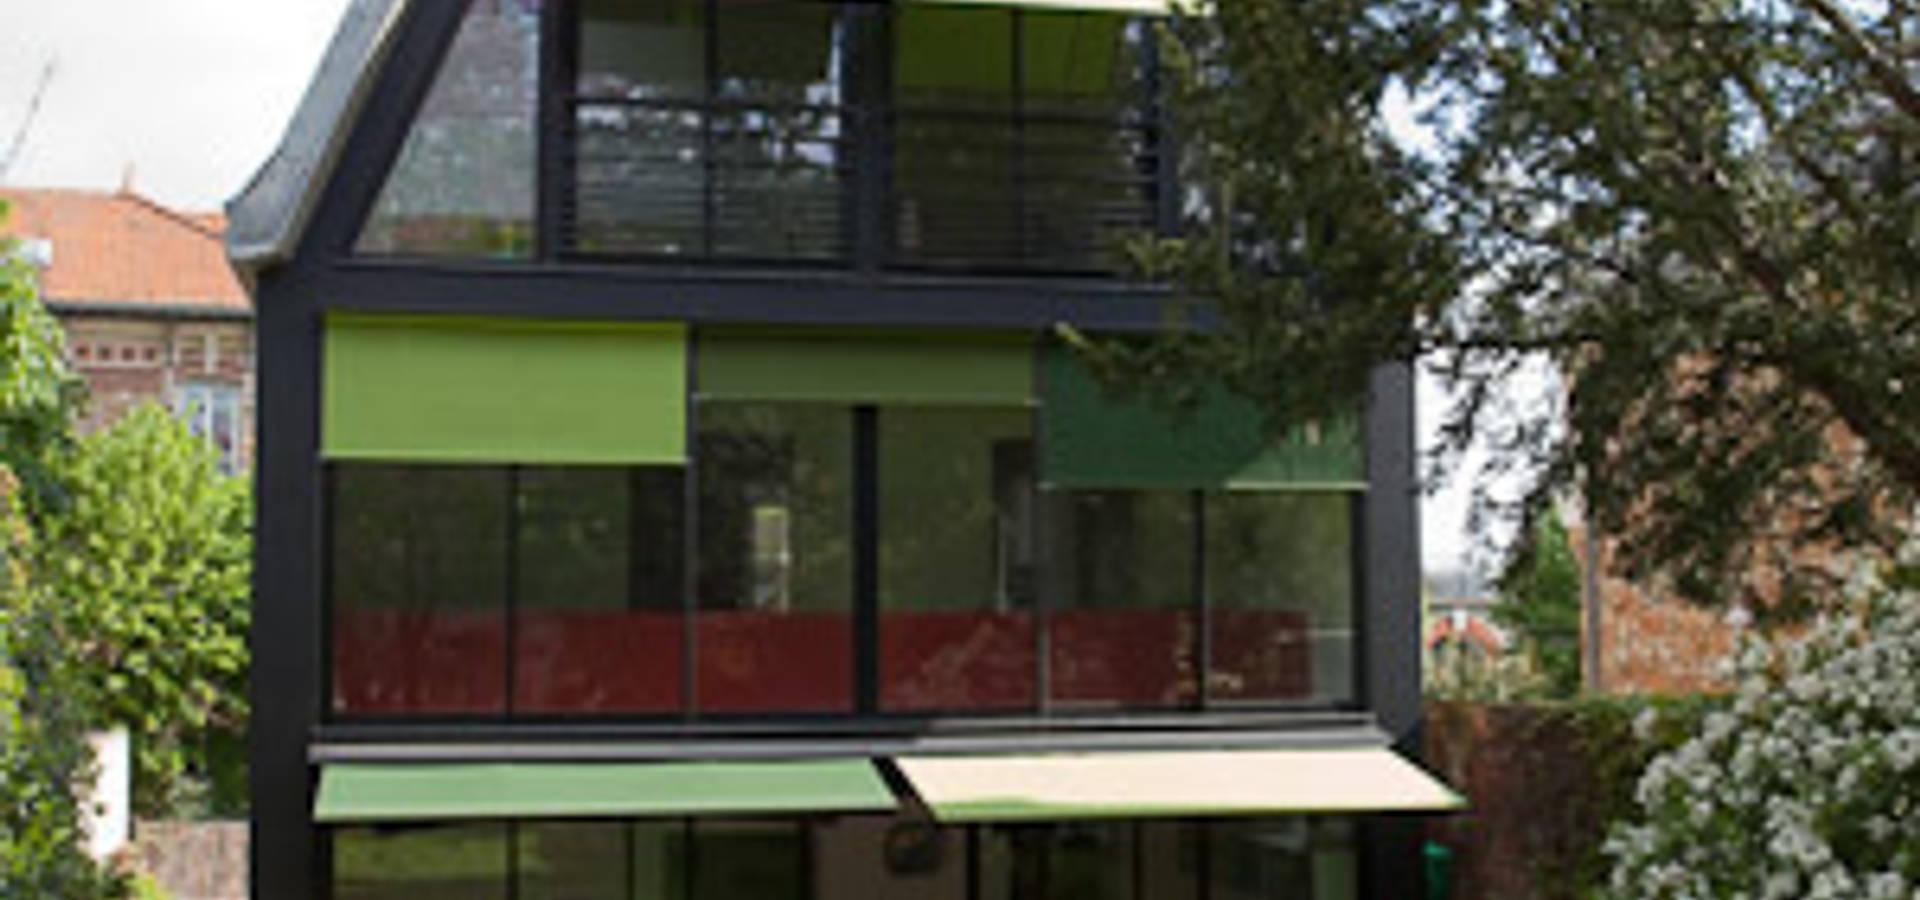 atelier d 39 architecture bm architectes paris sur homify. Black Bedroom Furniture Sets. Home Design Ideas